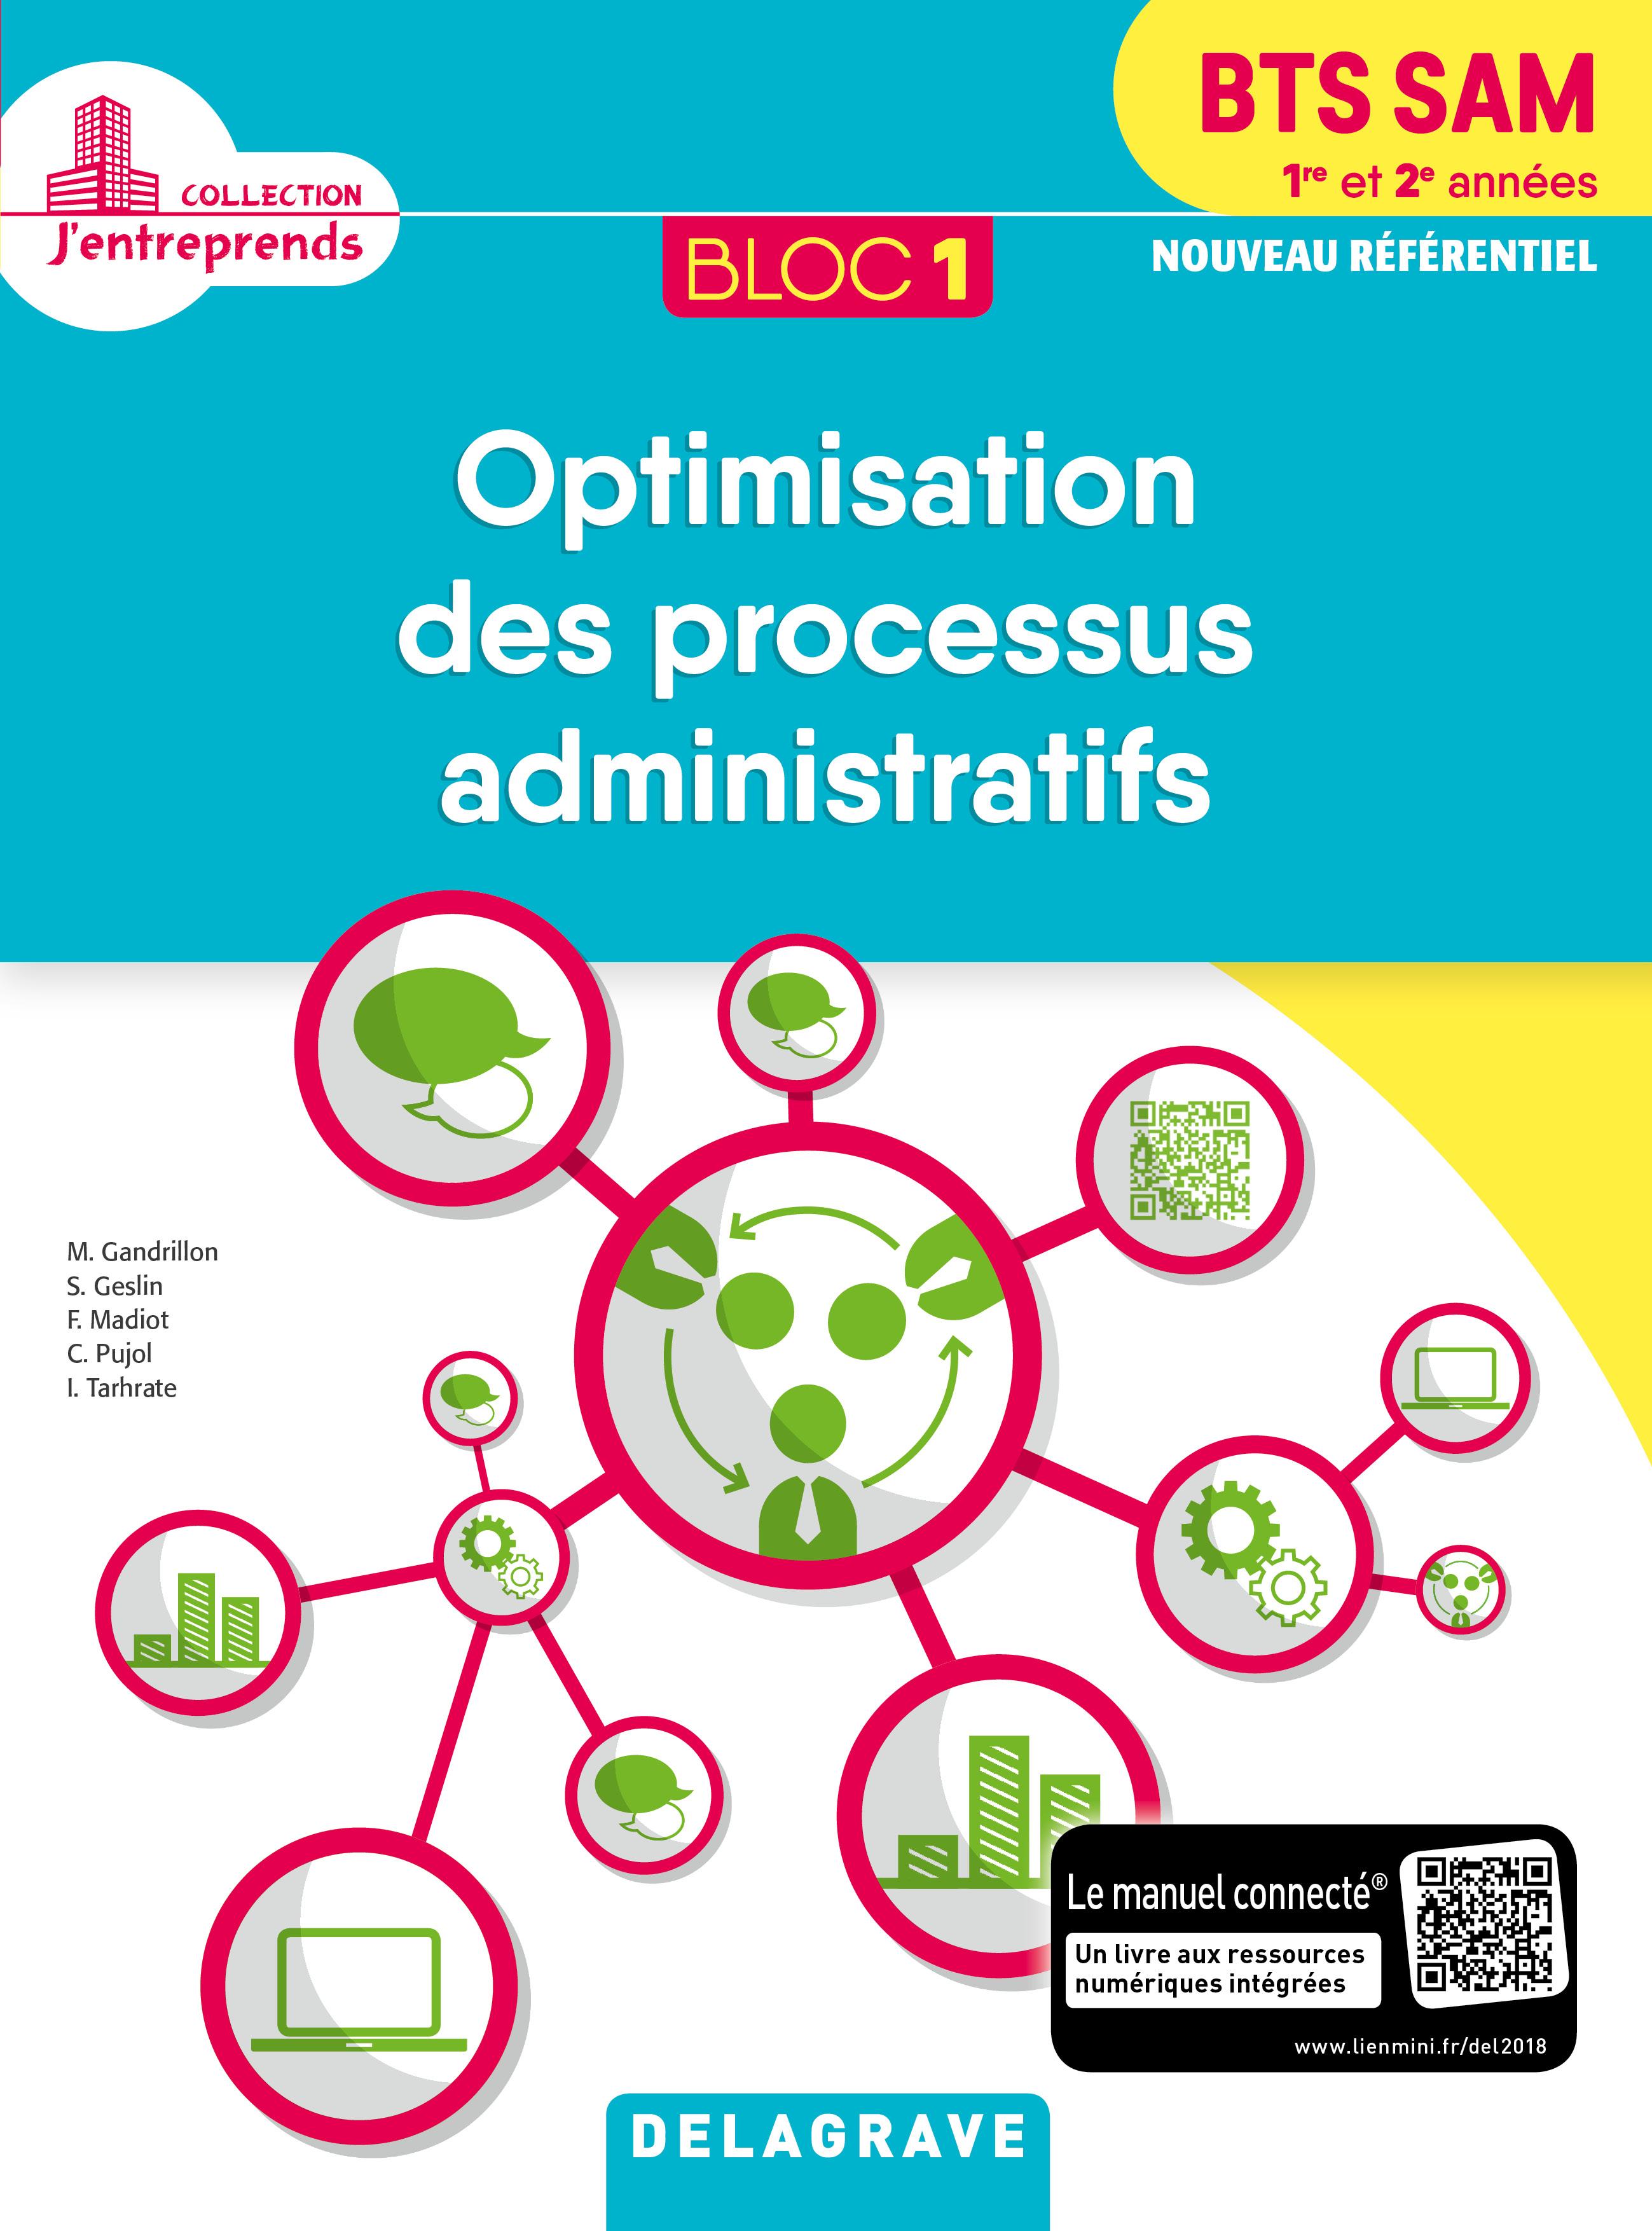 Bloc 1 - Optimisation des processus administratifs 1re et 2e années BTS SAM (2018)